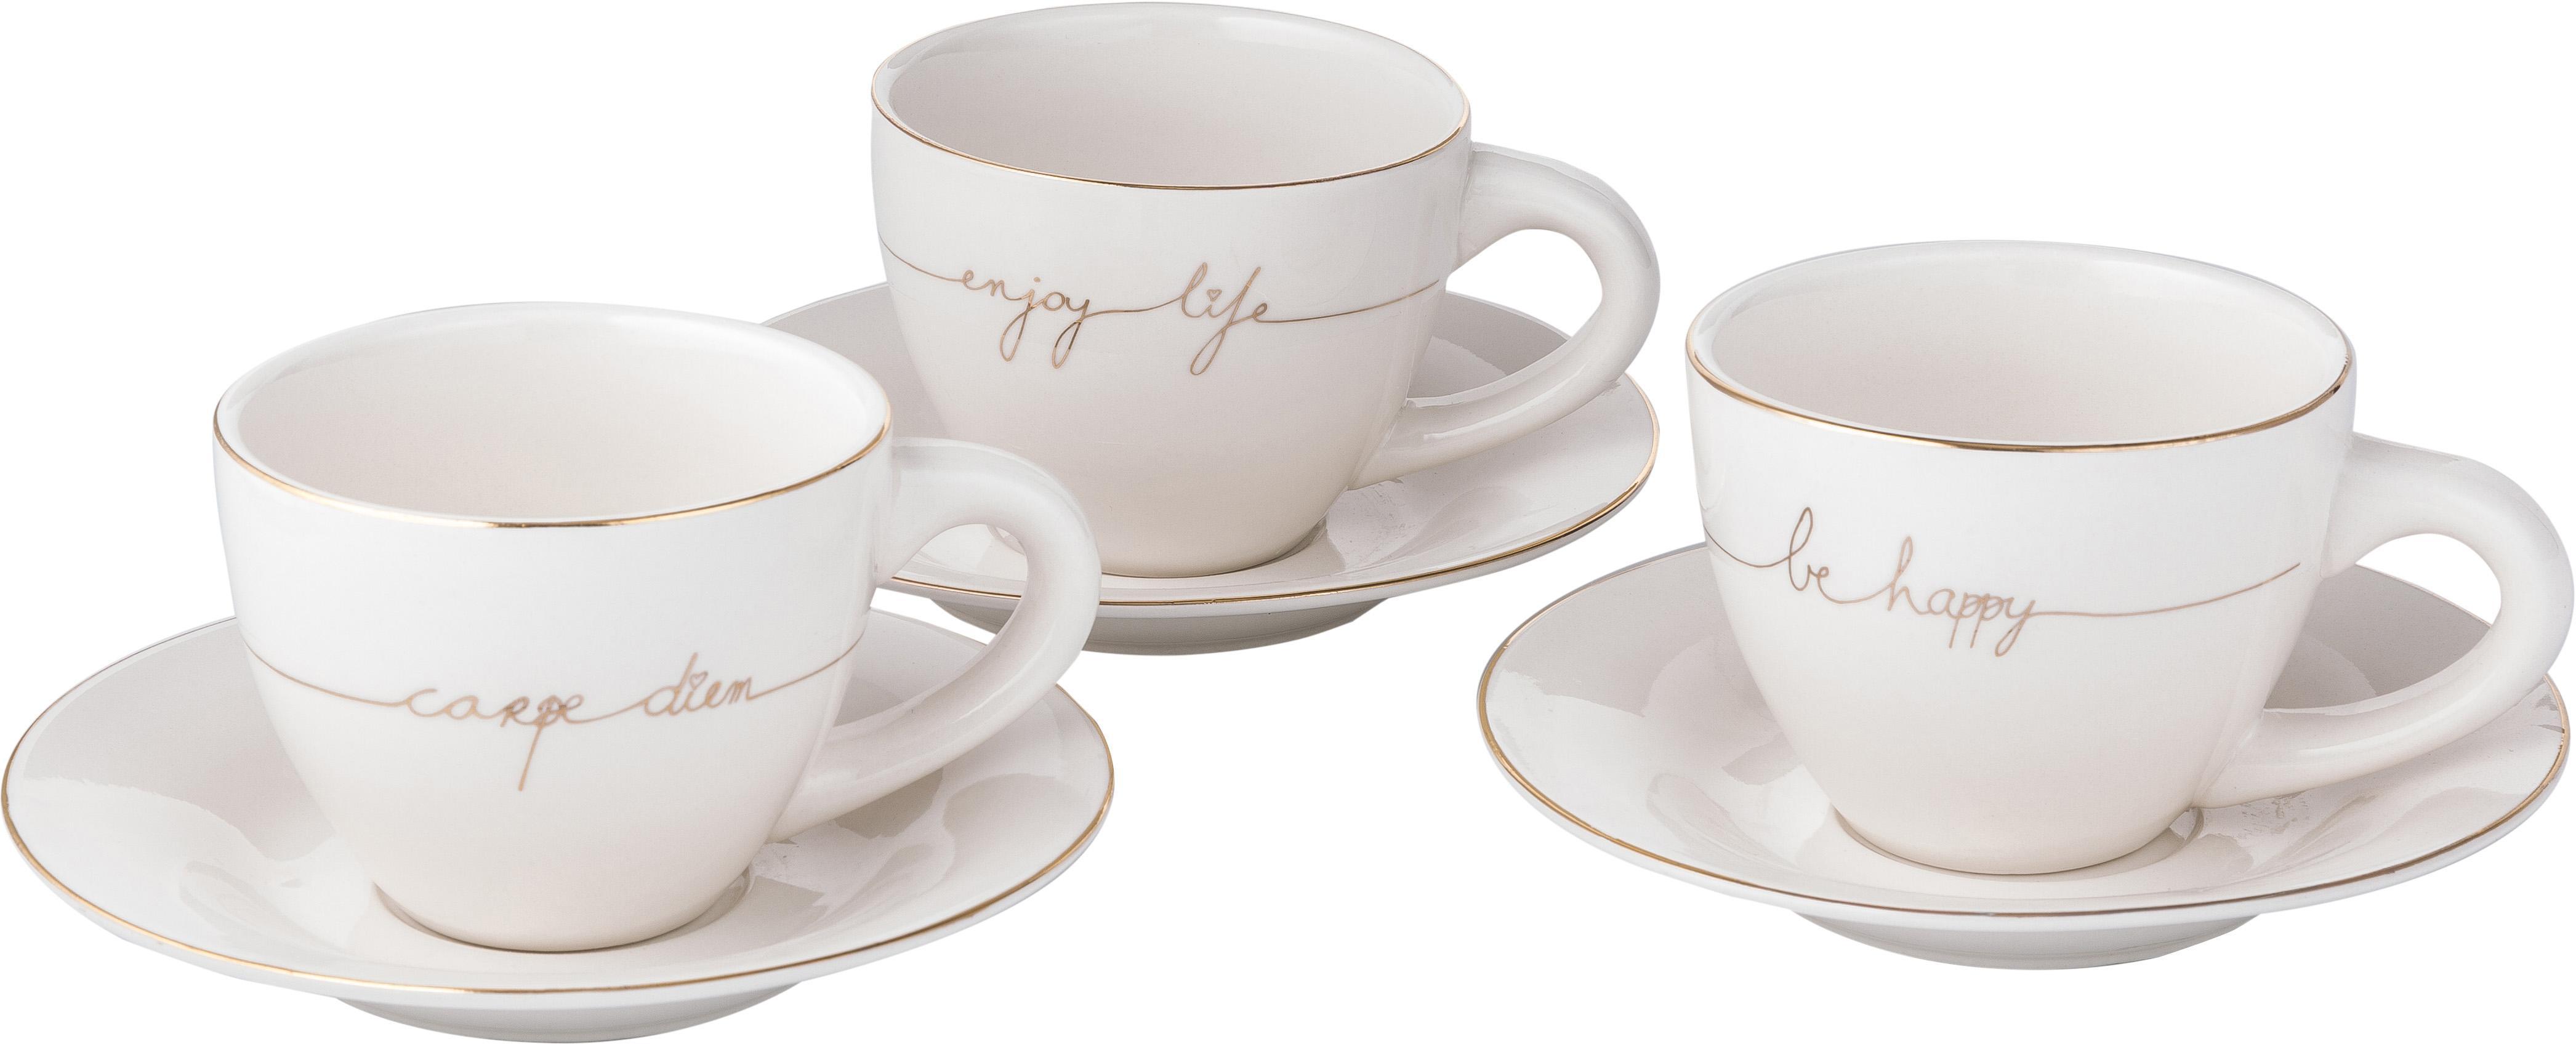 Teetassen Happy mit Untertasse mit goldener Aufschrift, 3er-Set, Porzellan, Weiss, Goldfarben, Ø 15 x H 8 cm